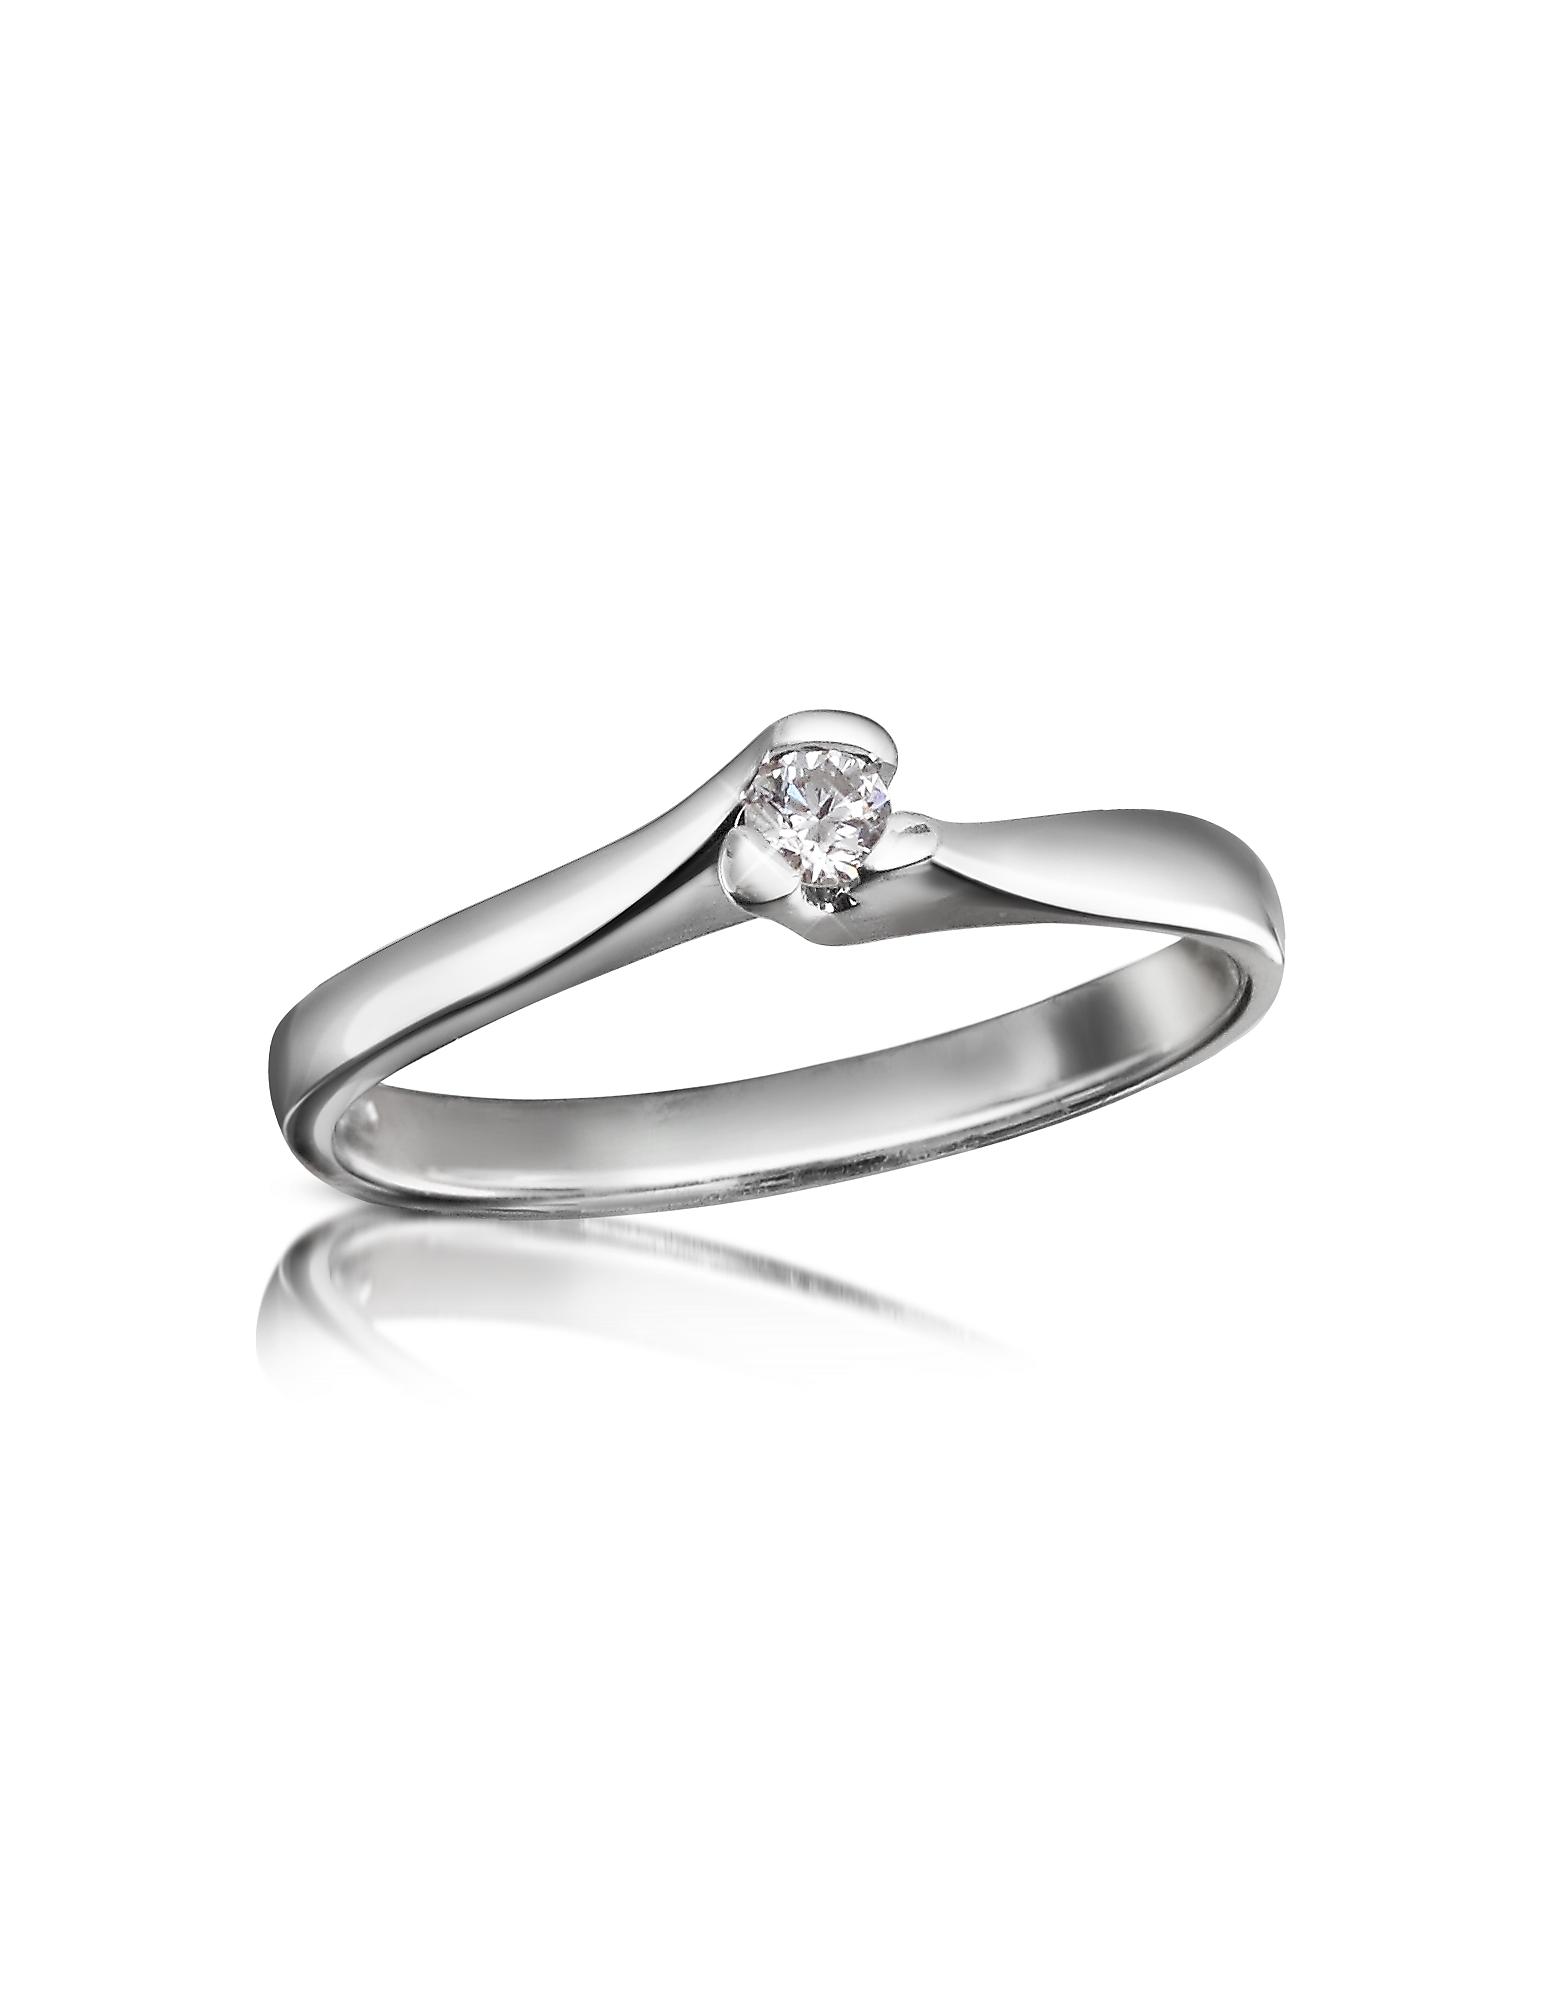 Forzieri Designer Rings, 0.08 ctw Diamond Solitaire Ring